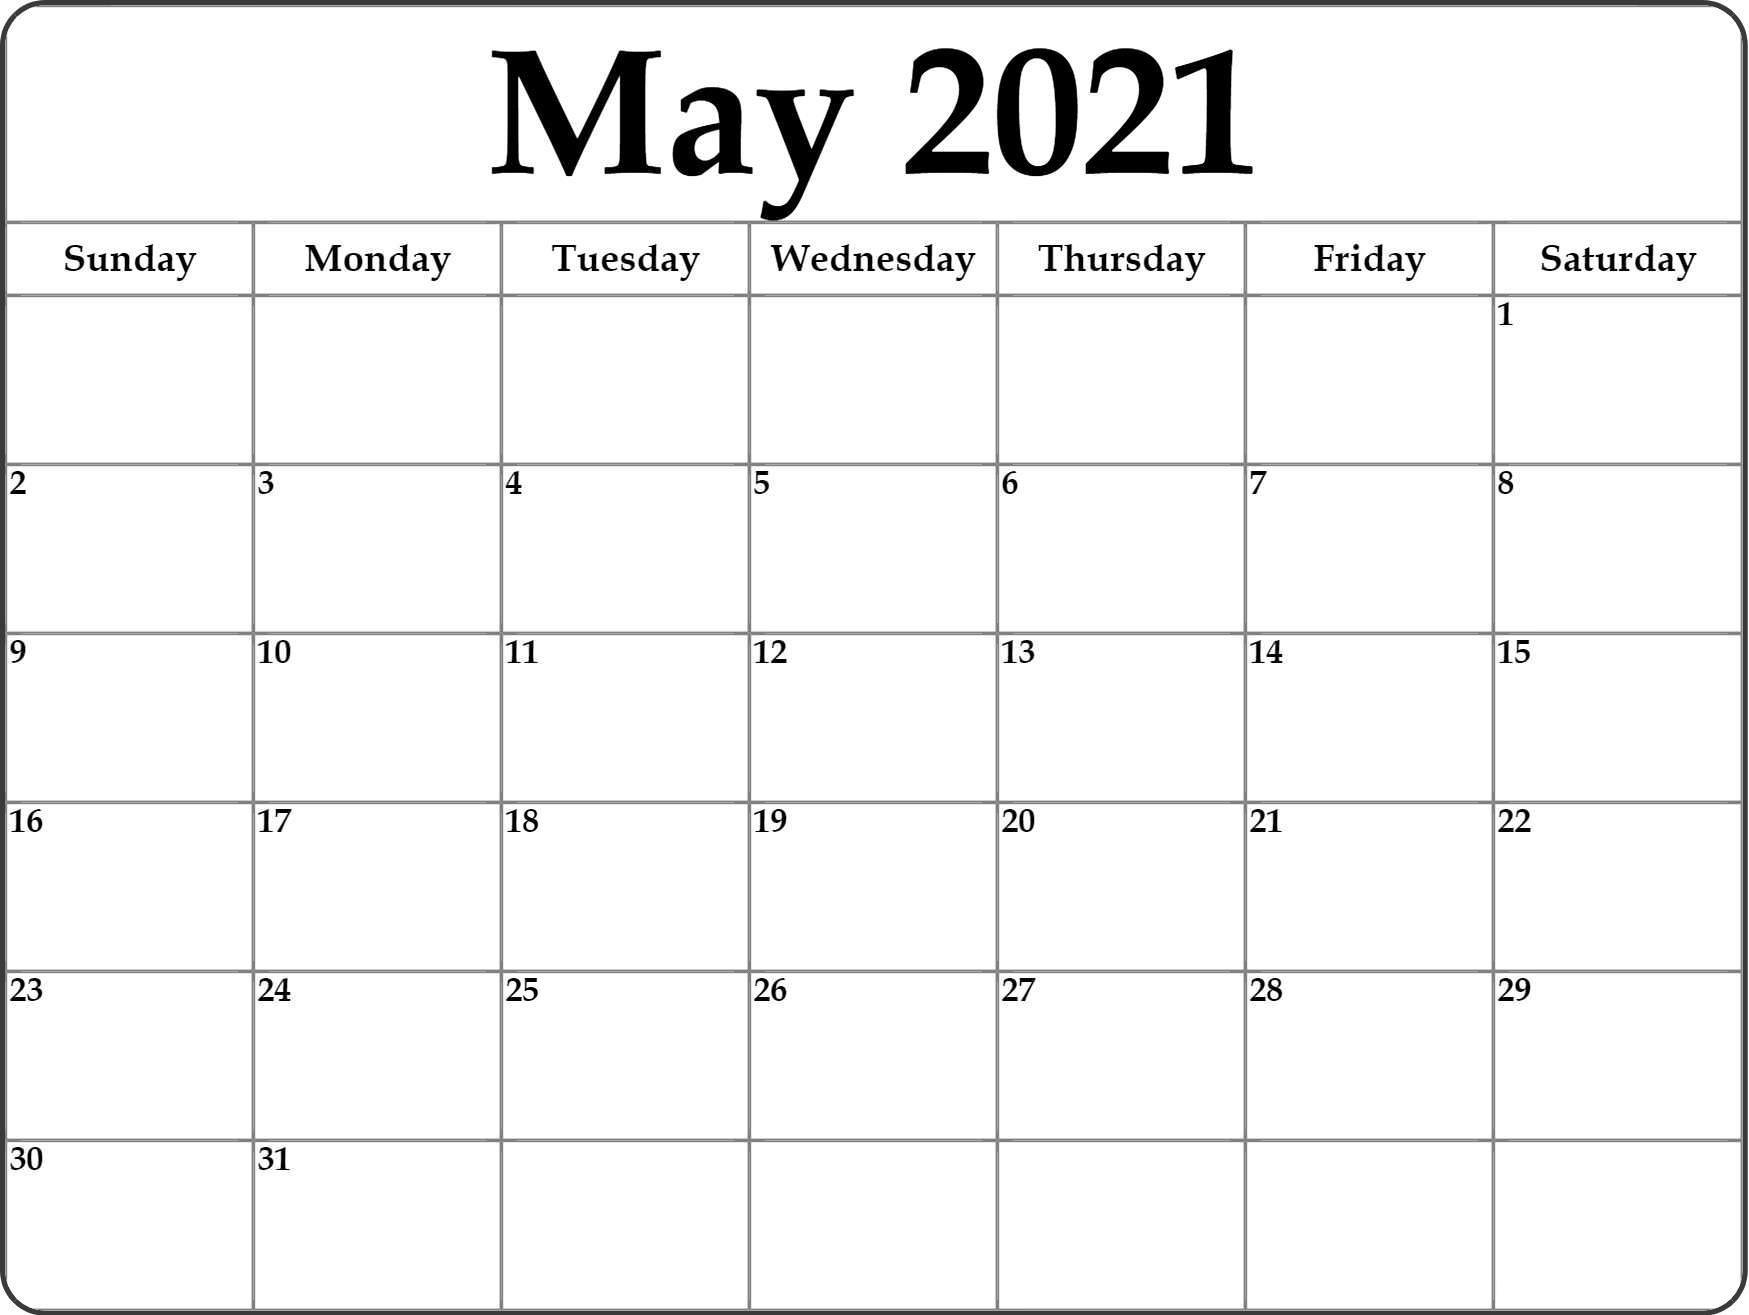 May 2021 Calendar